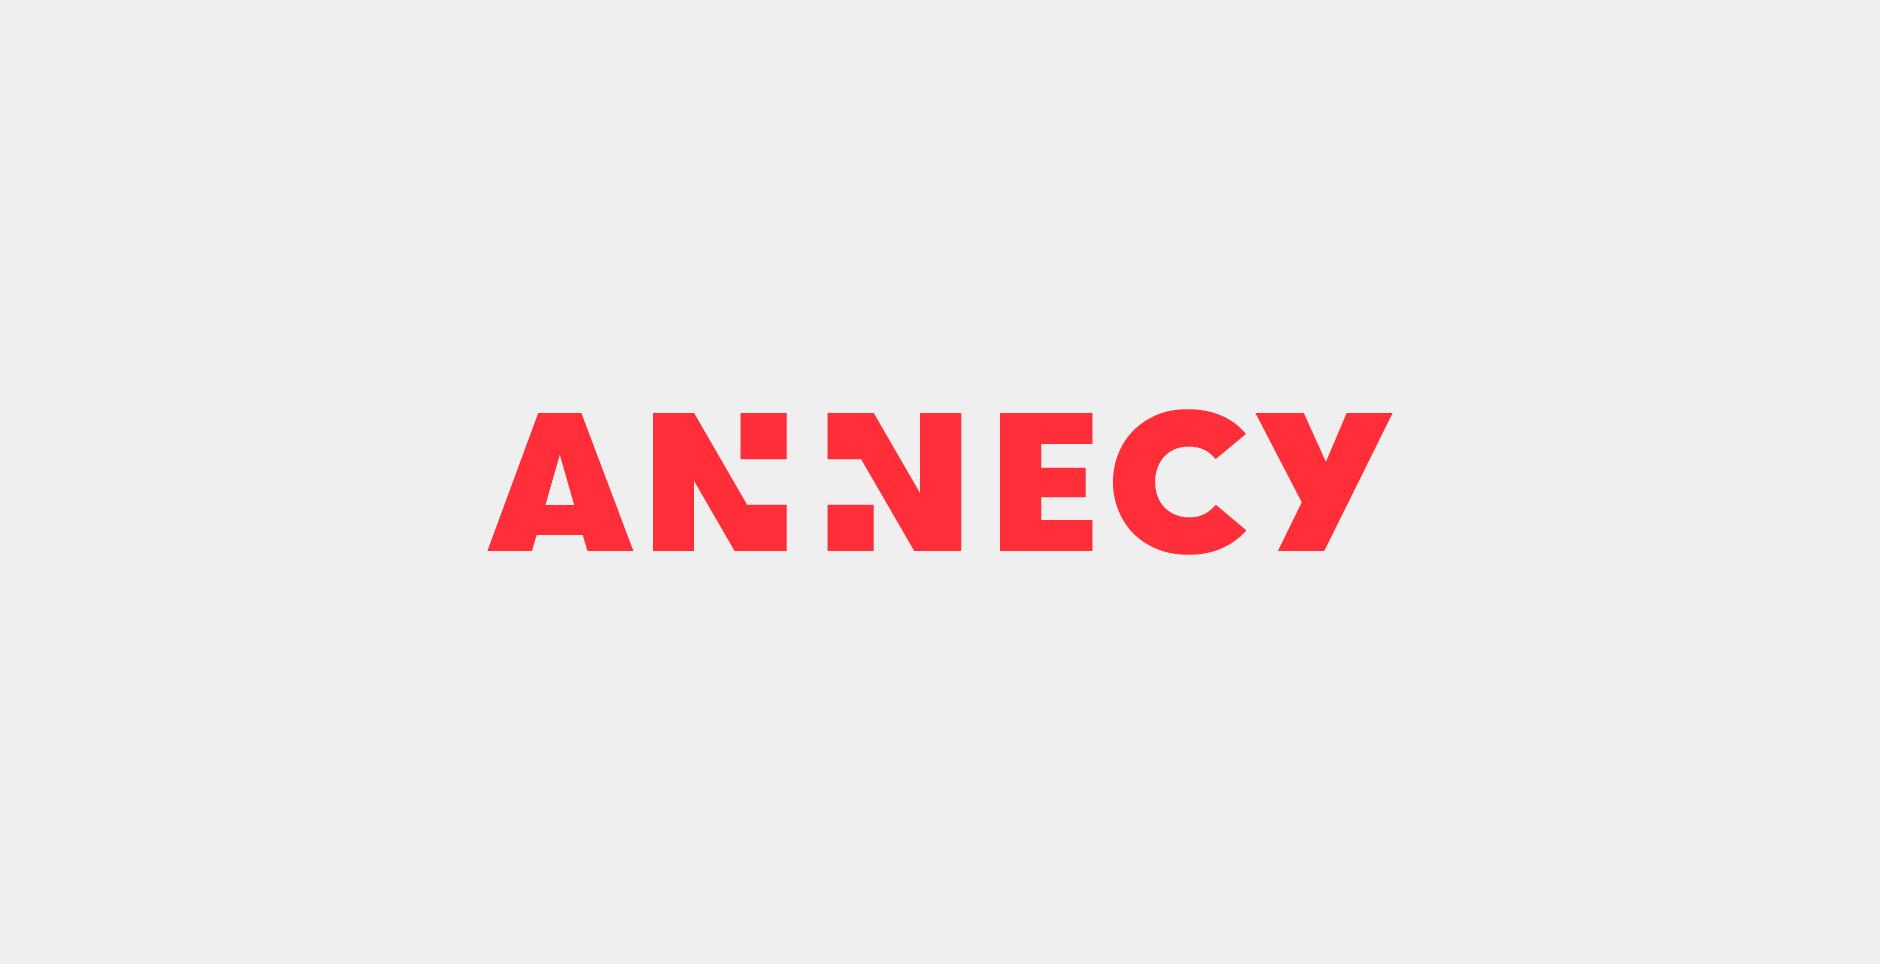 annecy-identite-visuelle2